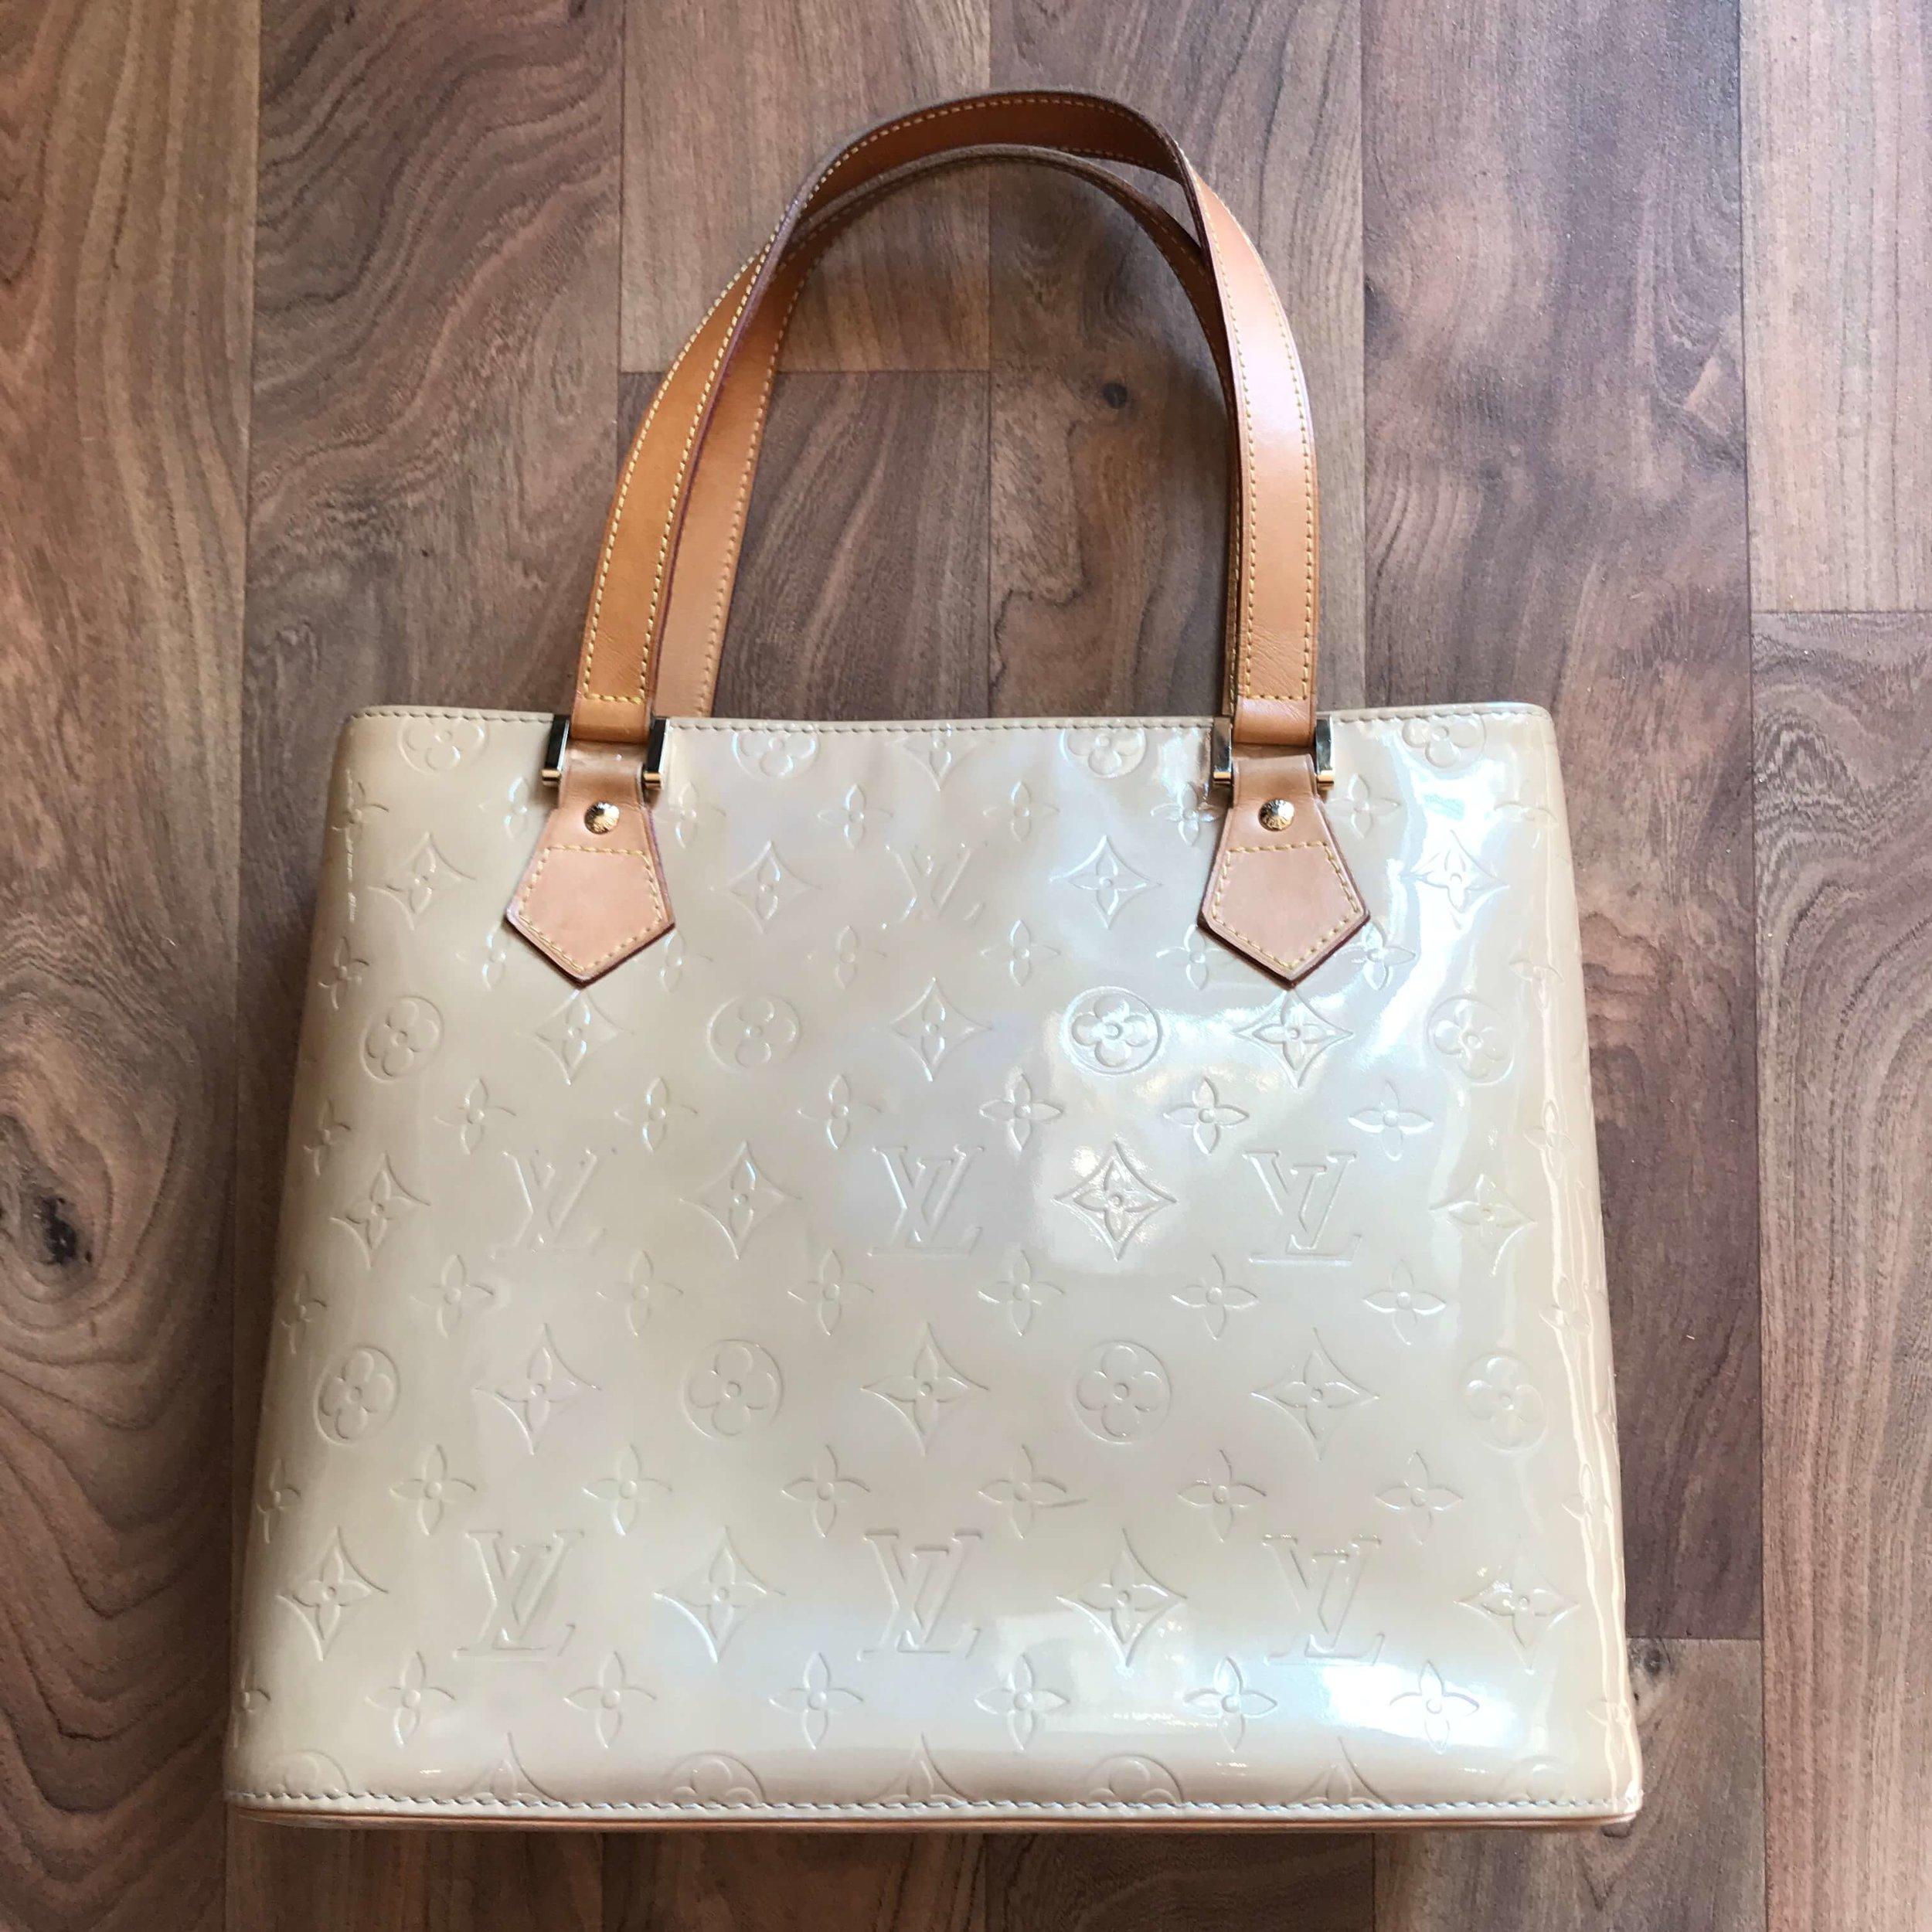 Louis Vuitton Bag.JPG